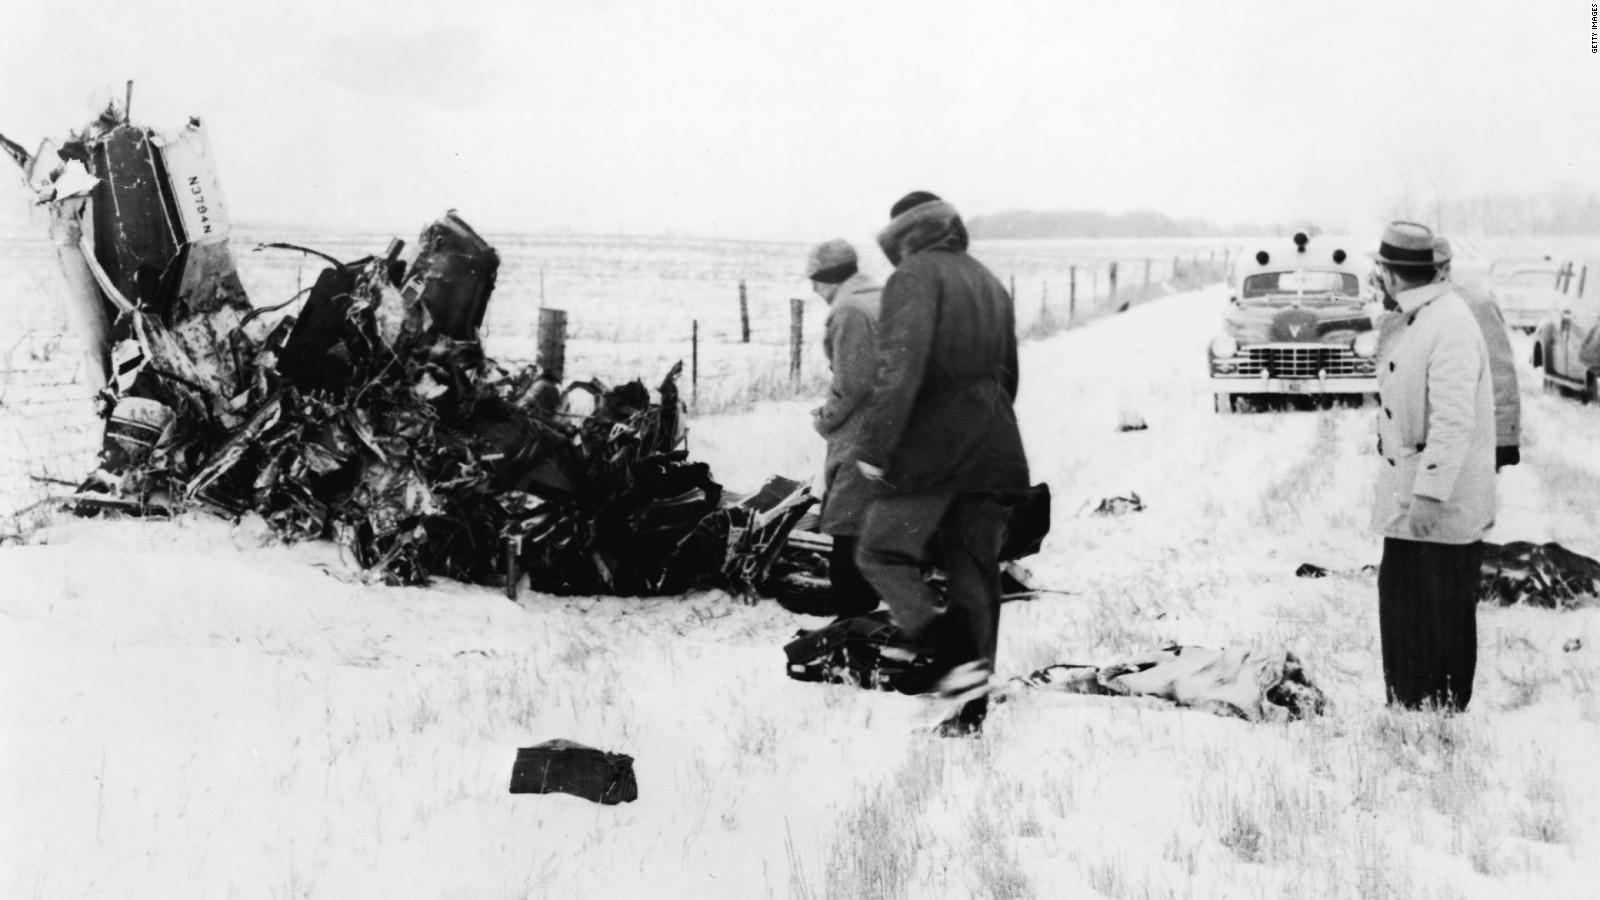 cnn 150304162333-nr-buddy-holly-plane-crash-full-169